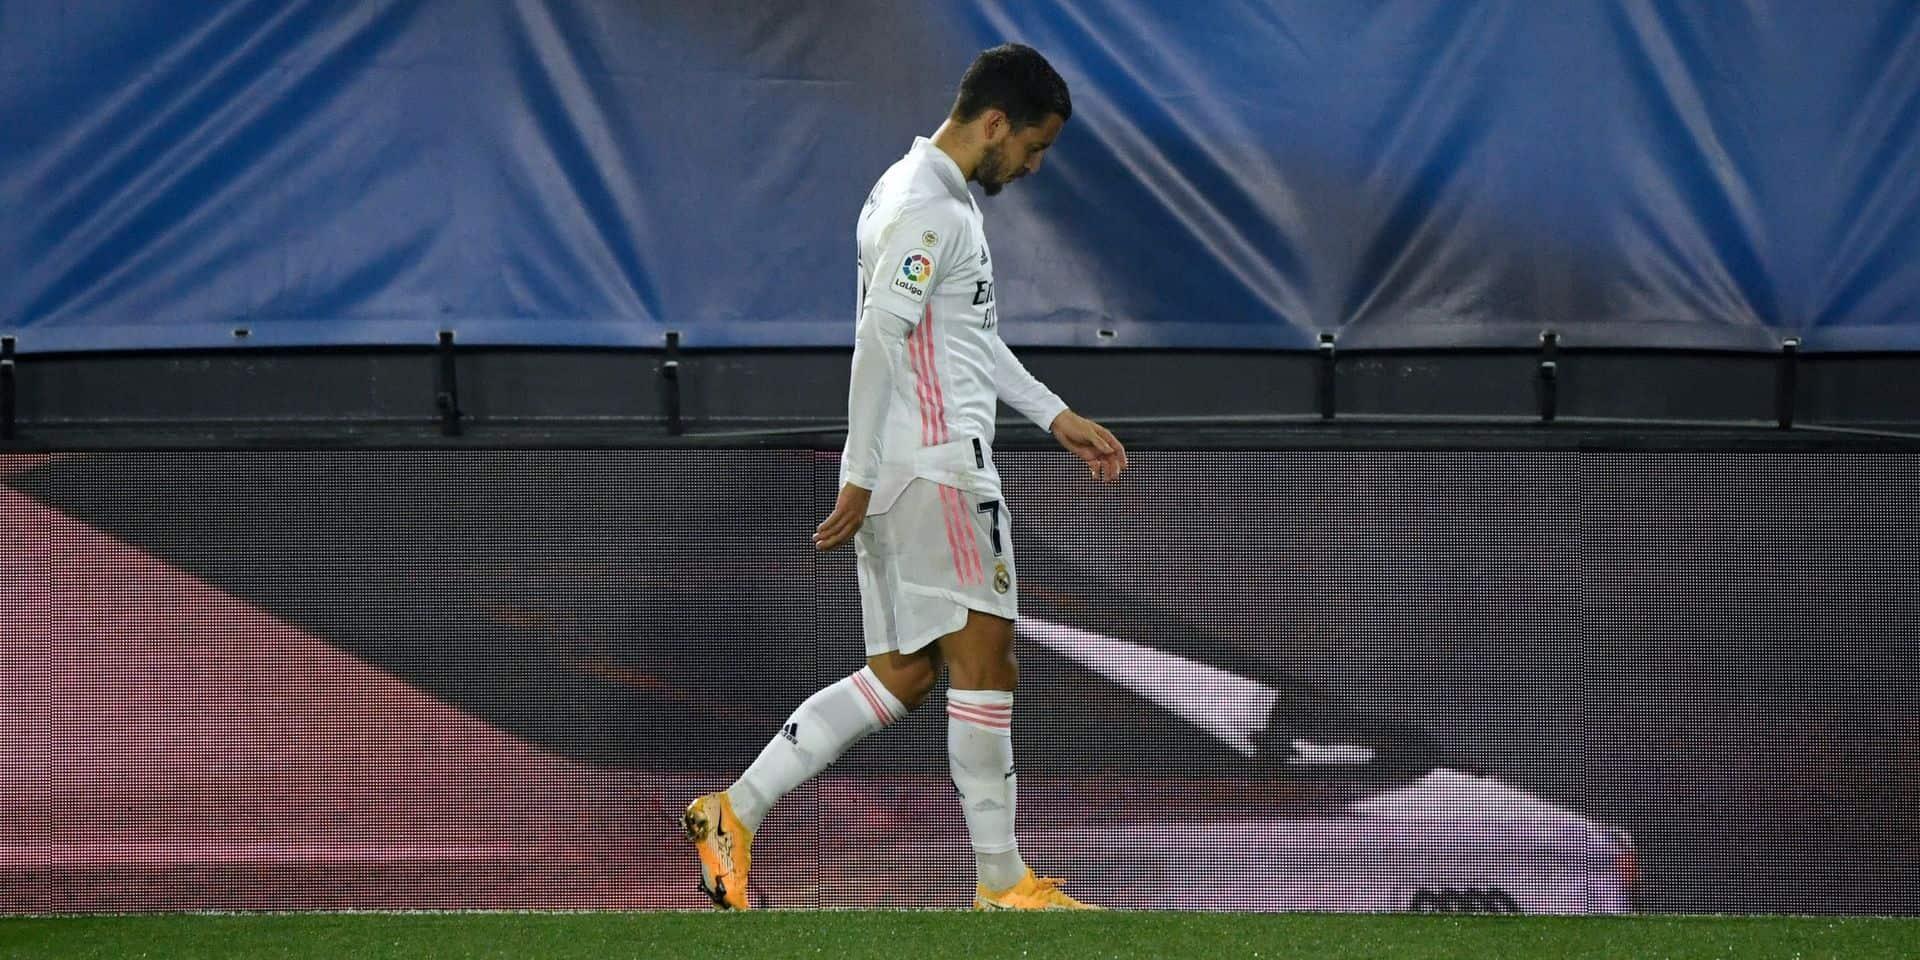 10 blessures, 48 matchs manqués, 324 jours d'absence... le dramatique bilan d'Eden Hazard à Madrid